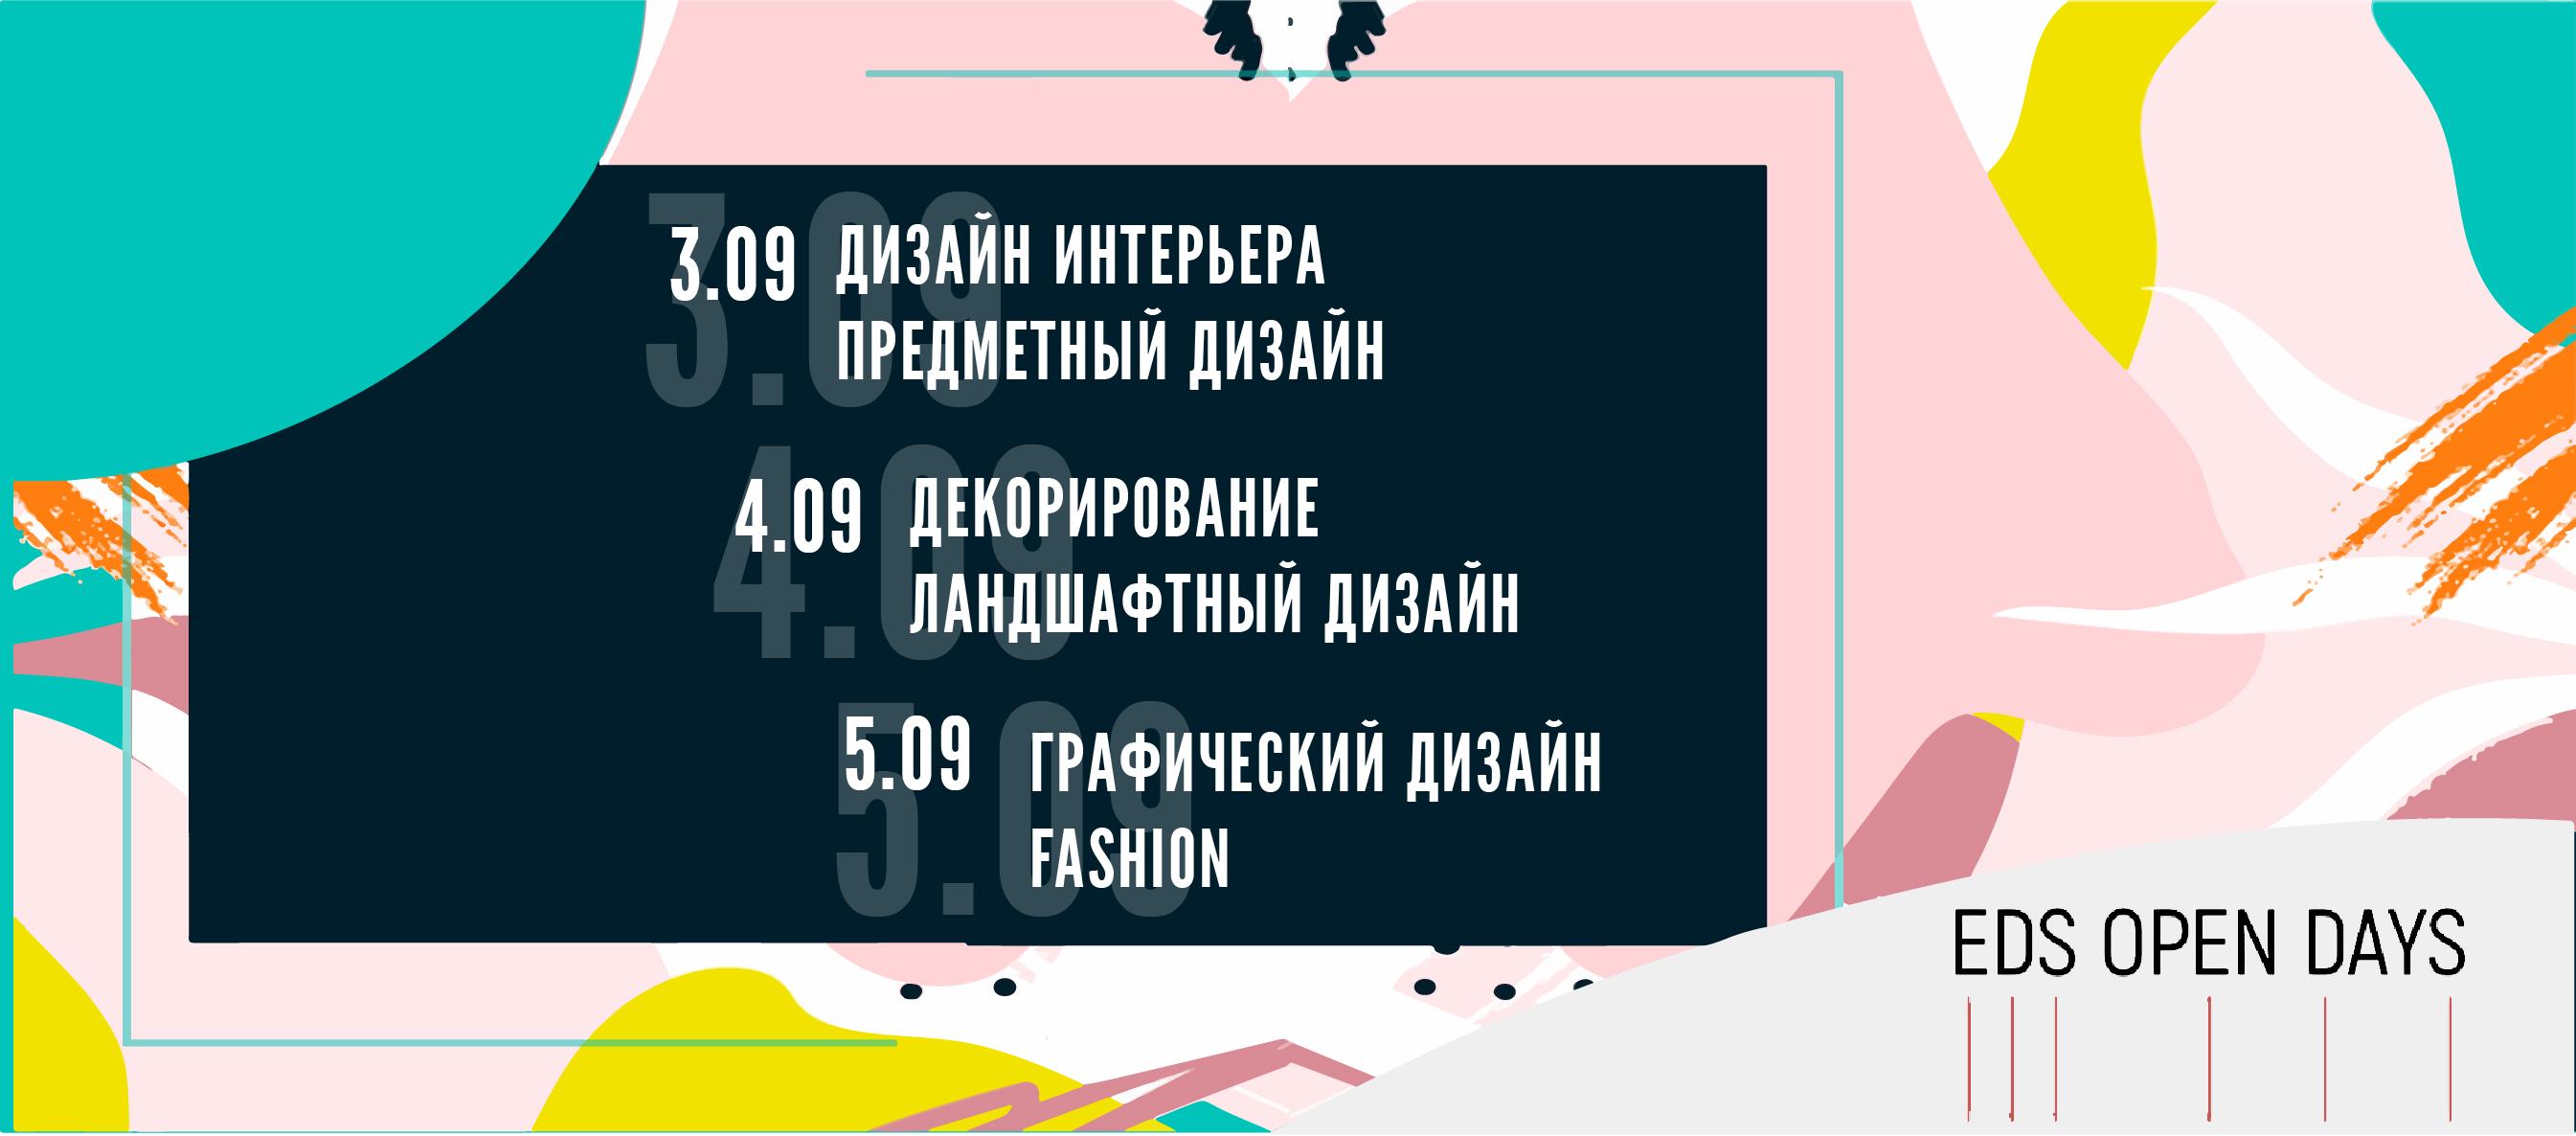 Європейська Школа Дизайну запрошує на EDS OPEN DAYS!